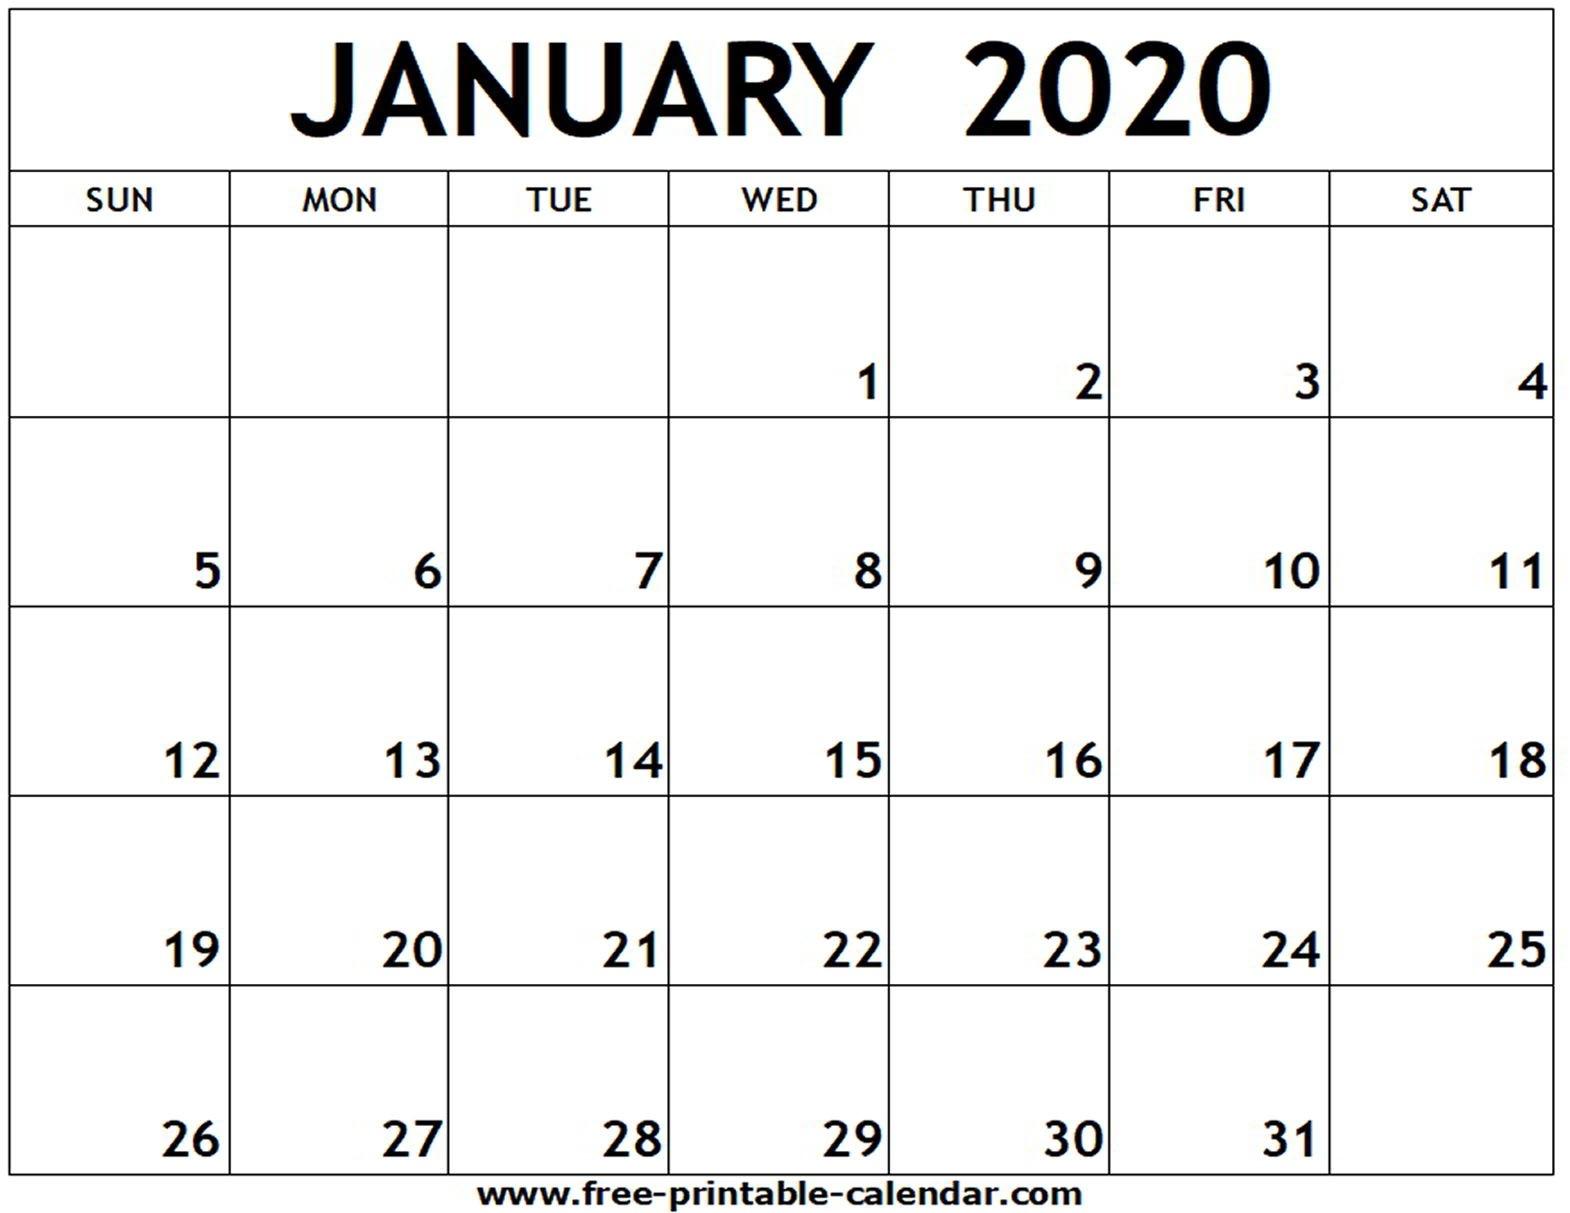 January 2020 Printable Calendar - Free-Printable-Calendar-Free Printable January 2020 Calendar